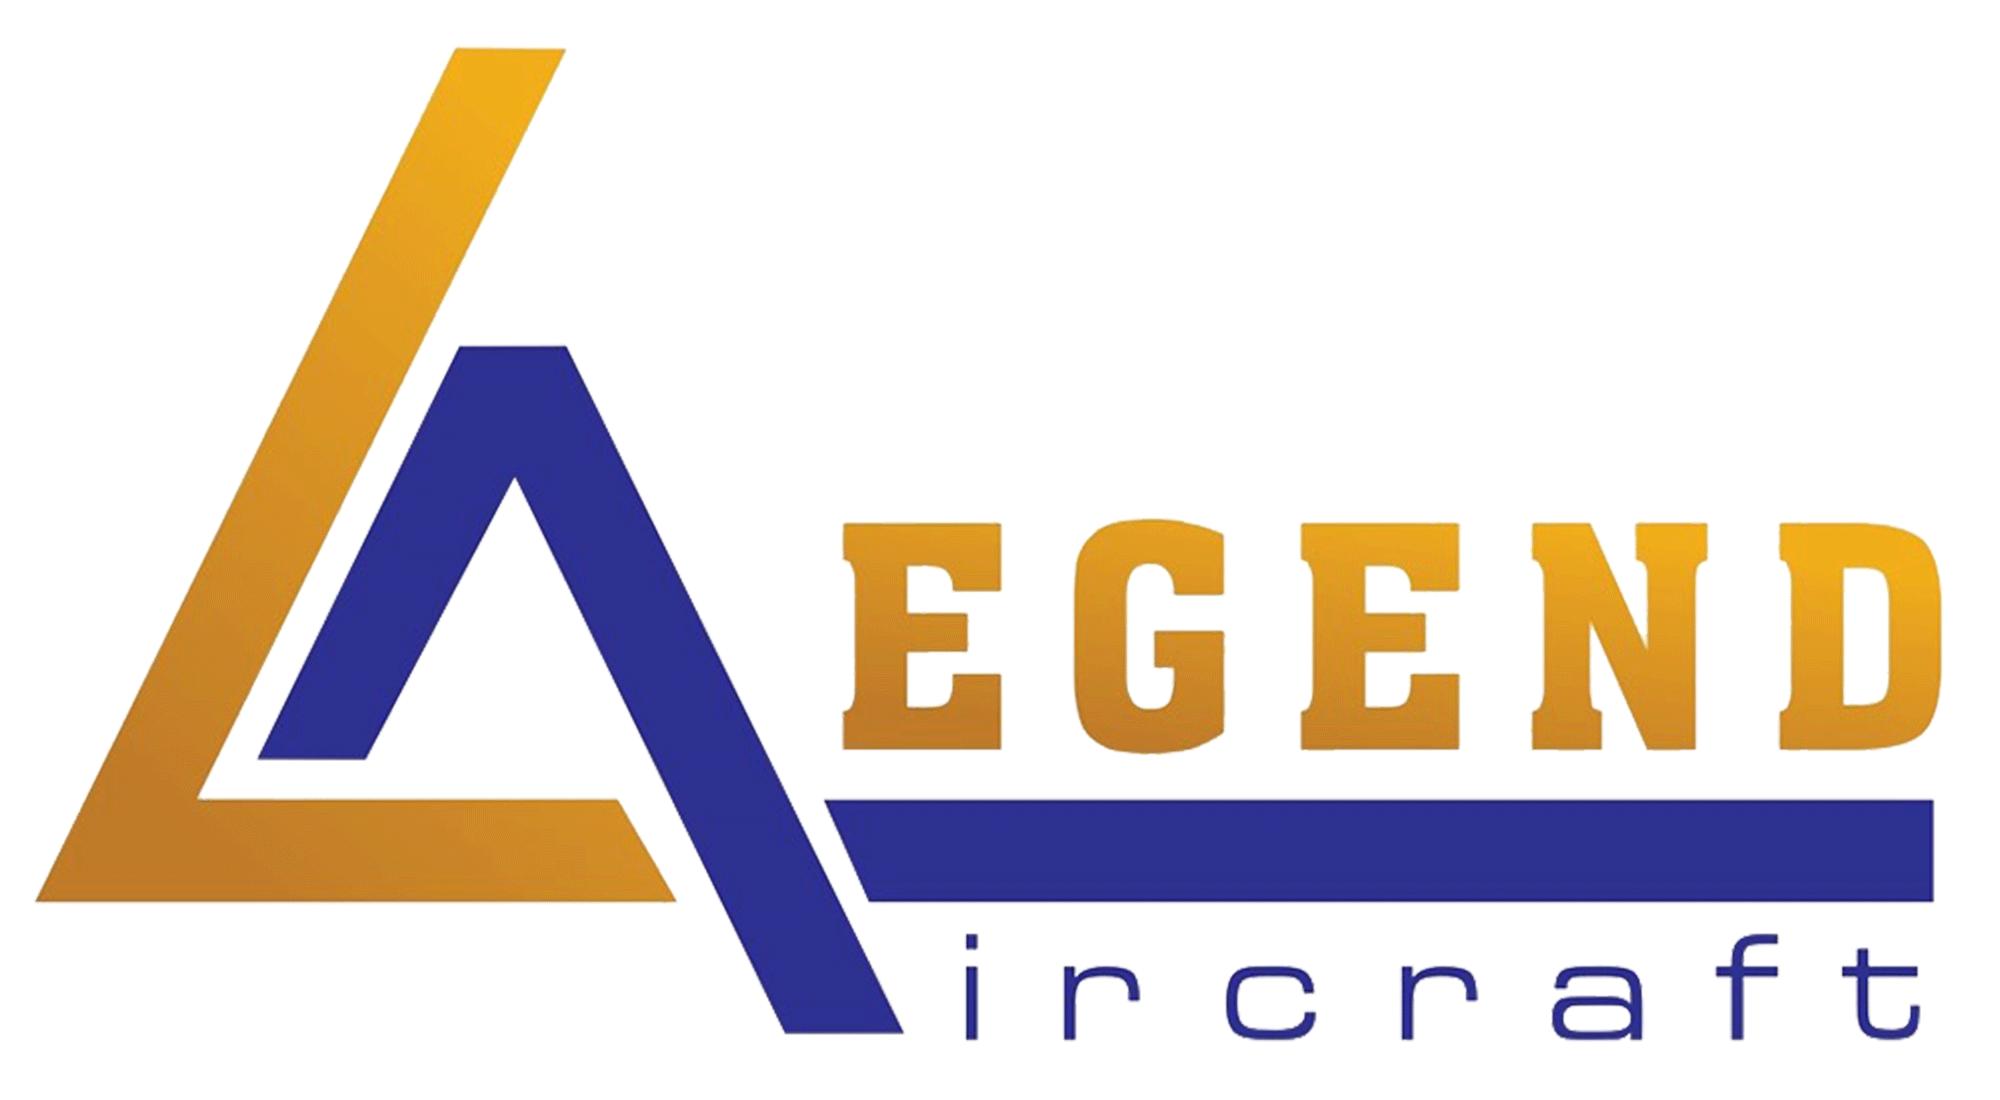 Legend Aircraft